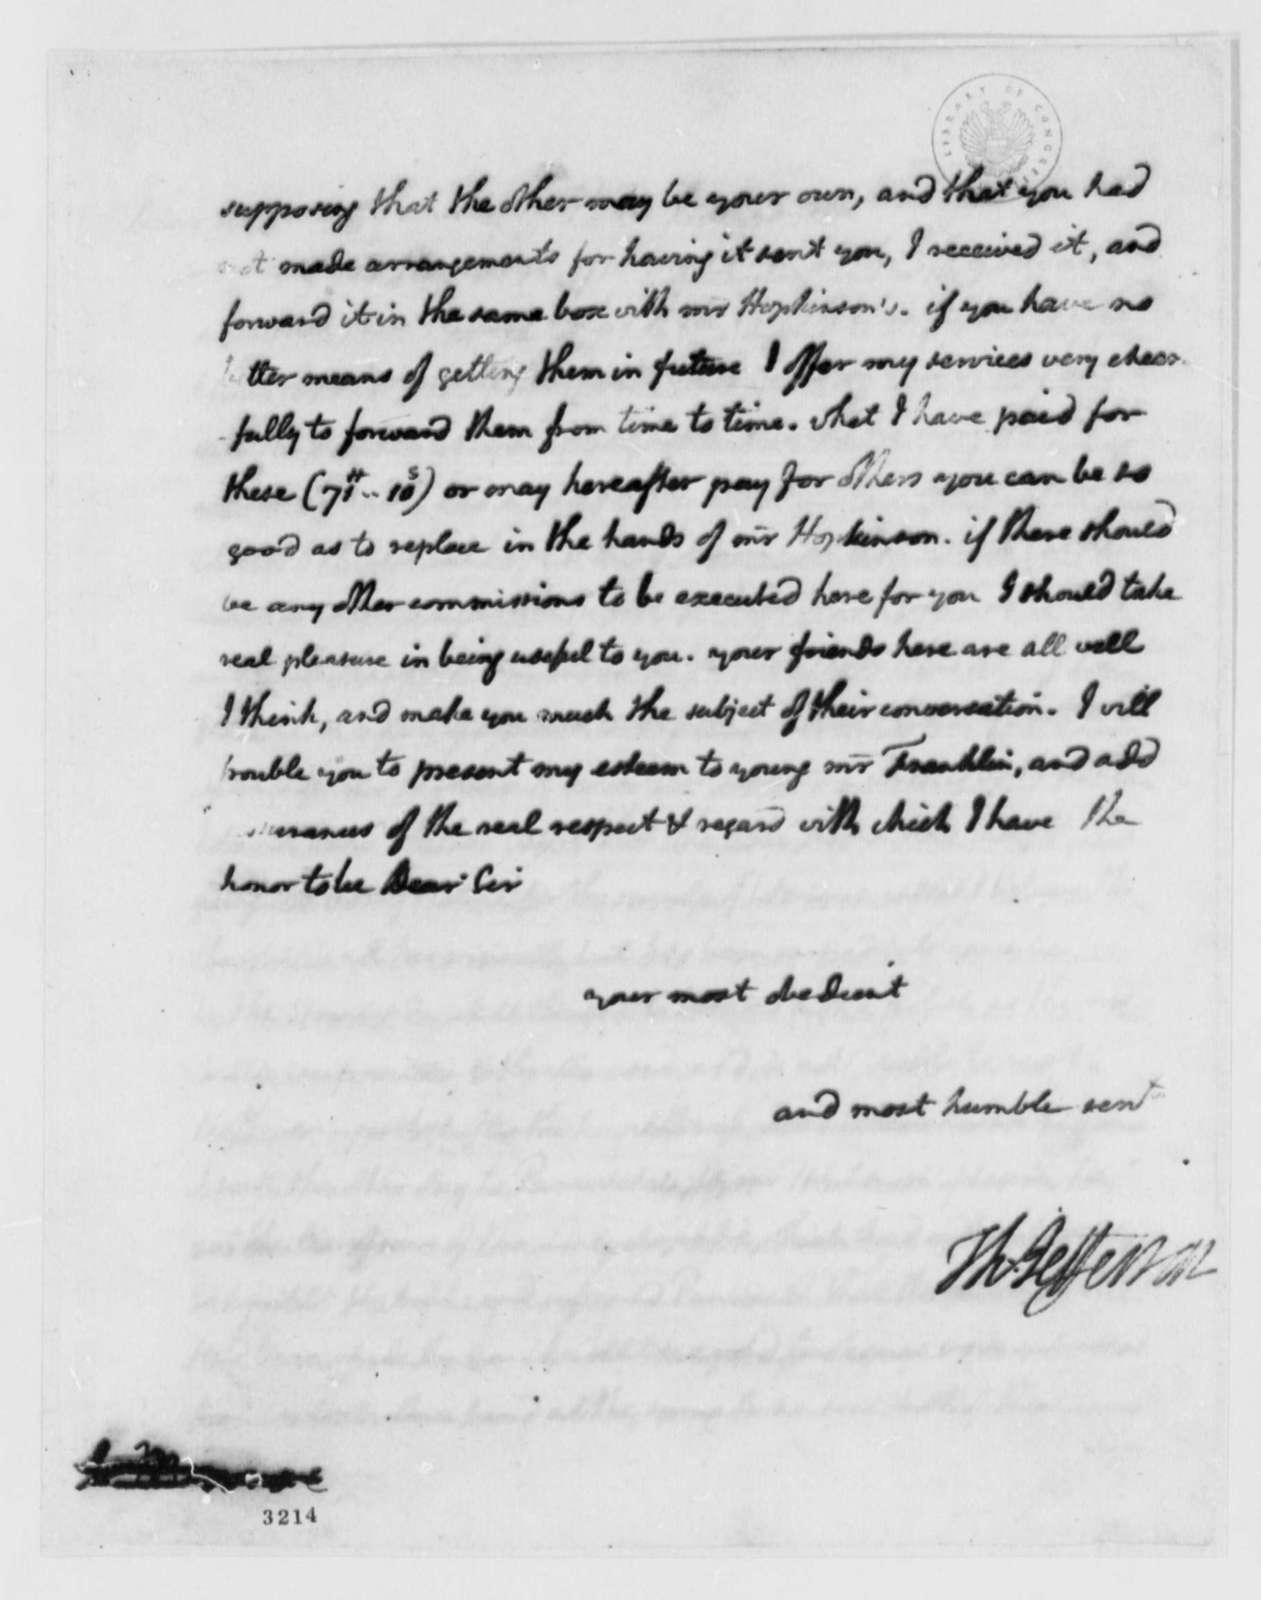 Thomas Jefferson to Benjamin Franklin, January 27, 1786